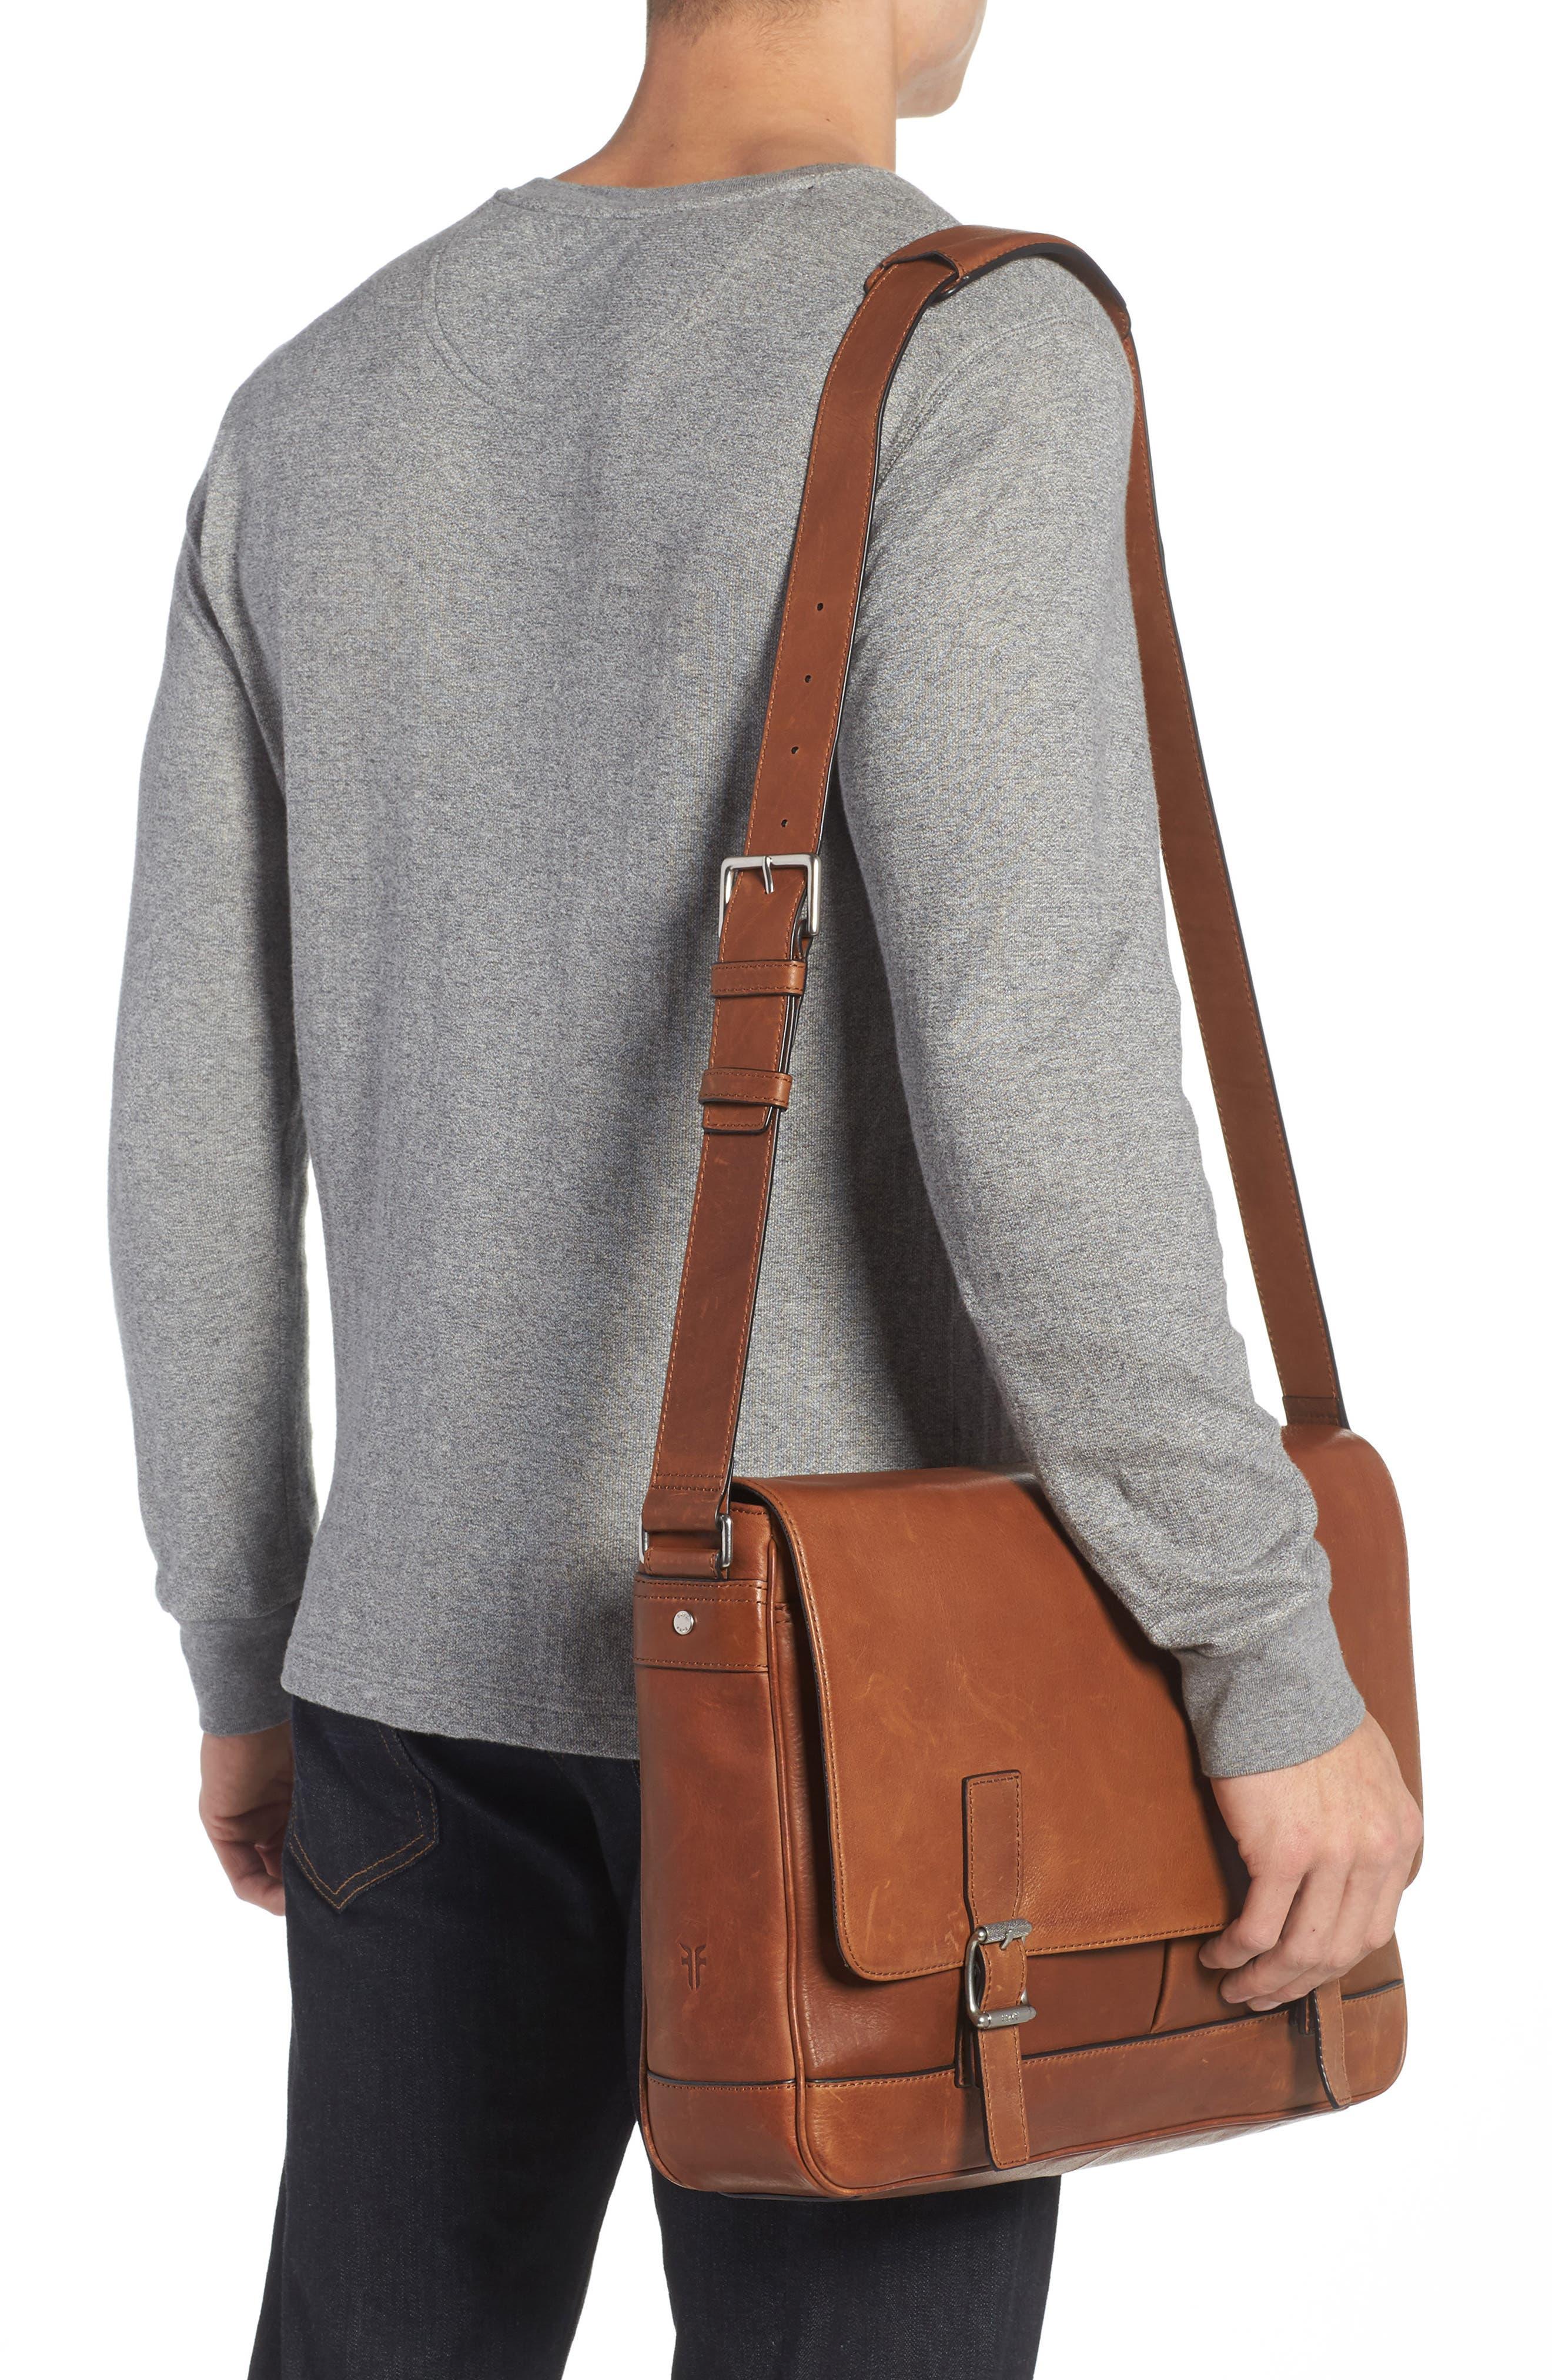 Oliver Leather Messenger Bag,                             Alternate thumbnail 2, color,                             Cognac